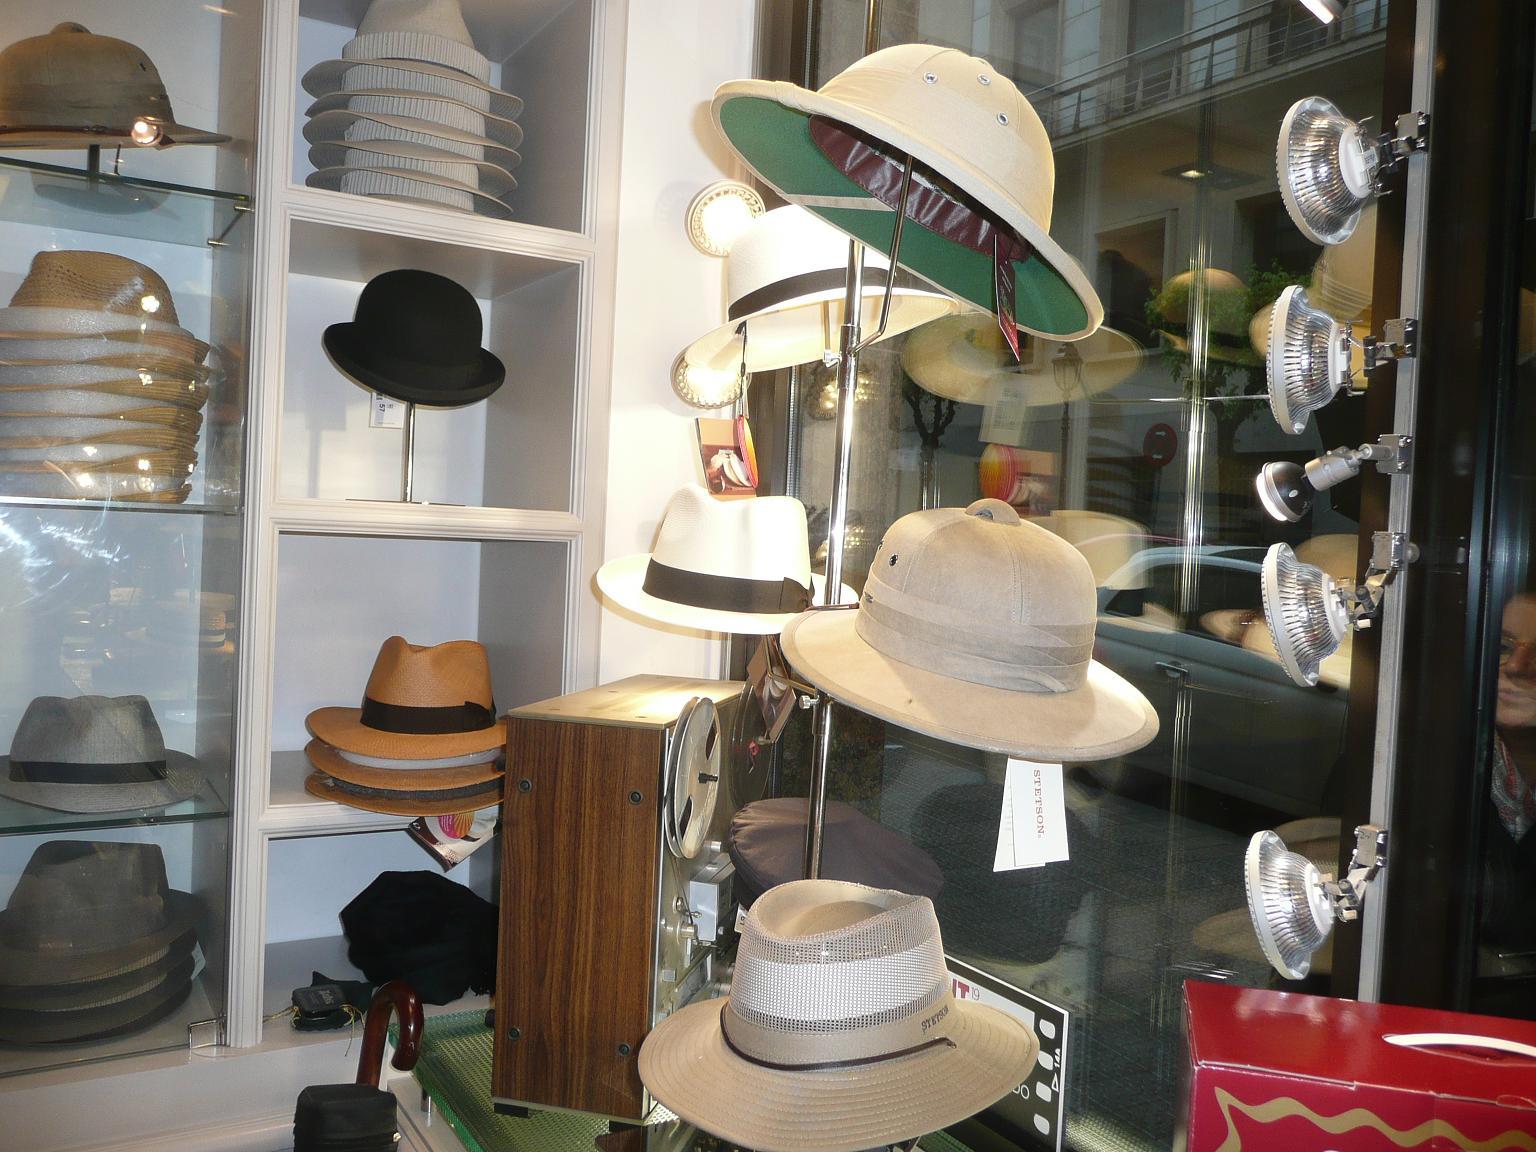 387cf1821b3e0 Sombreros Albero  una inauguración de cine en Bilbao – Arantza Saez ...